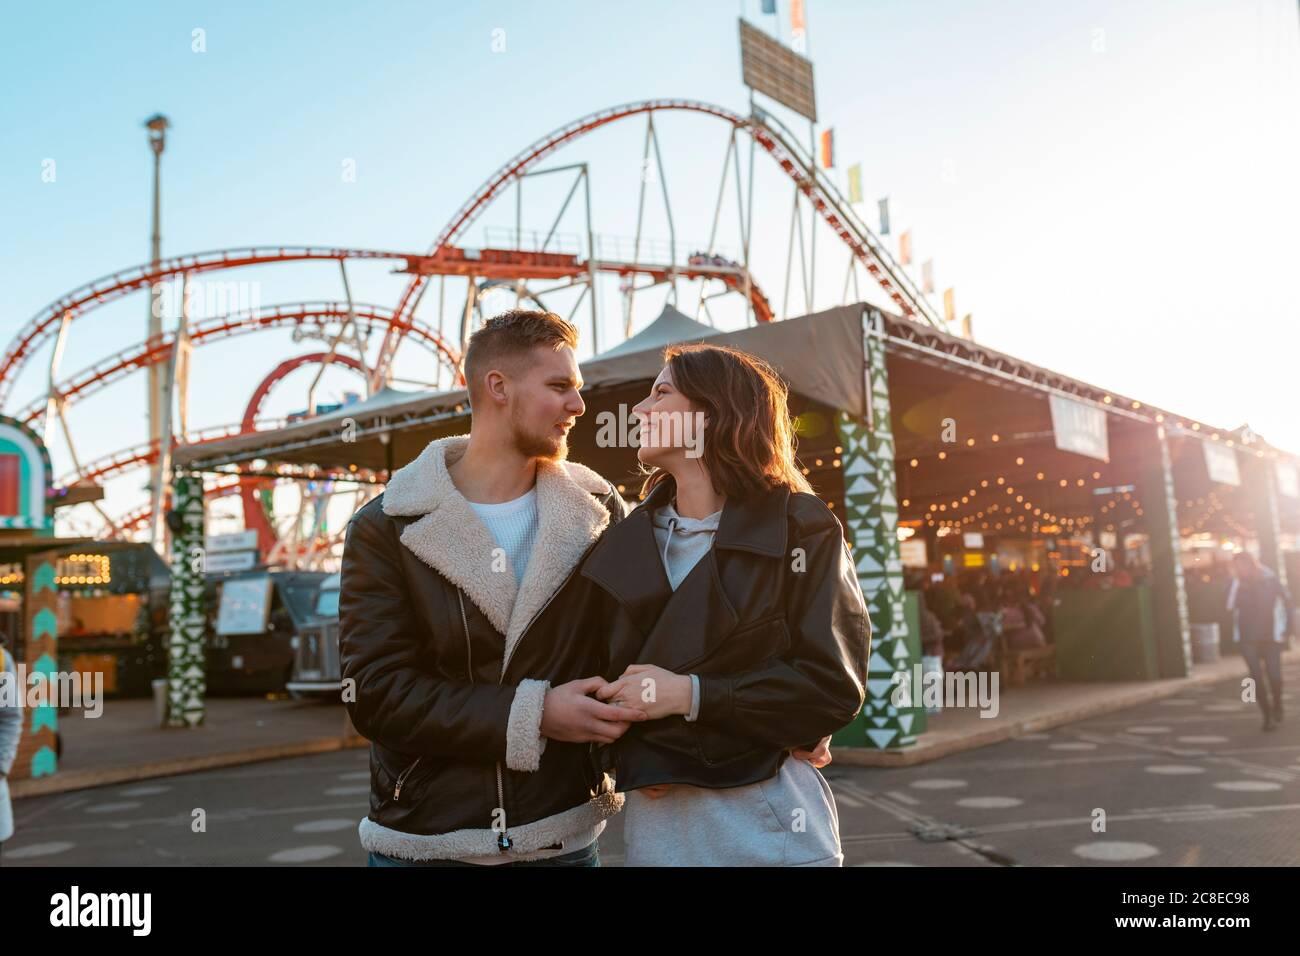 Romantisches junges Paar, das sich im Vergnügungspark die Hände hält Bei Sonnenuntergang Stockfoto